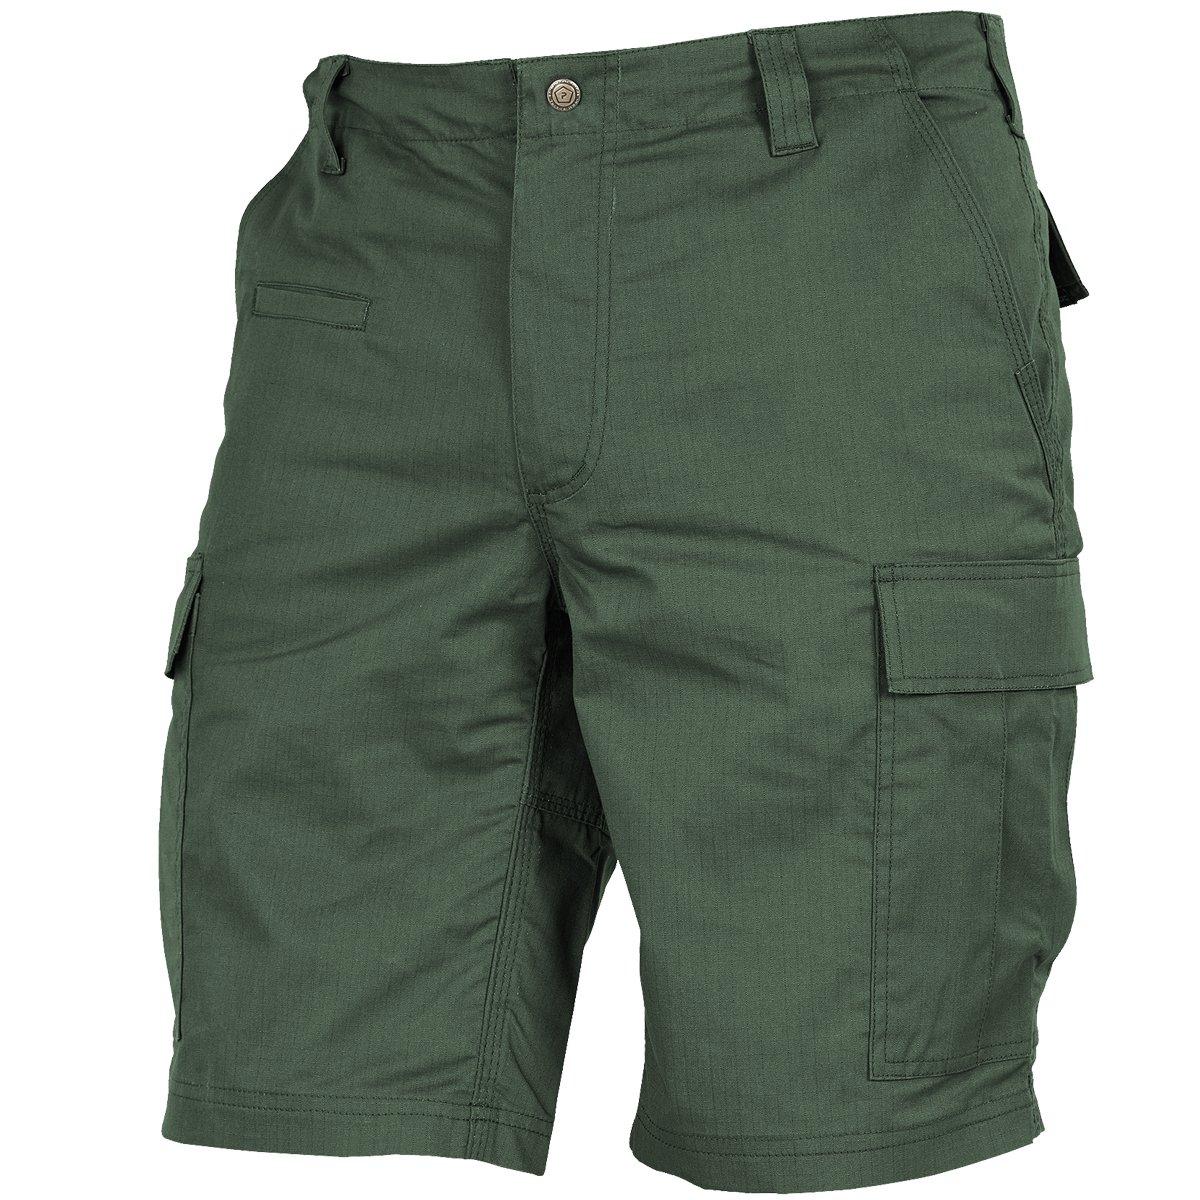 Pentagon Hombres BDU 2.0 Pantalones Cortos PentaCamo